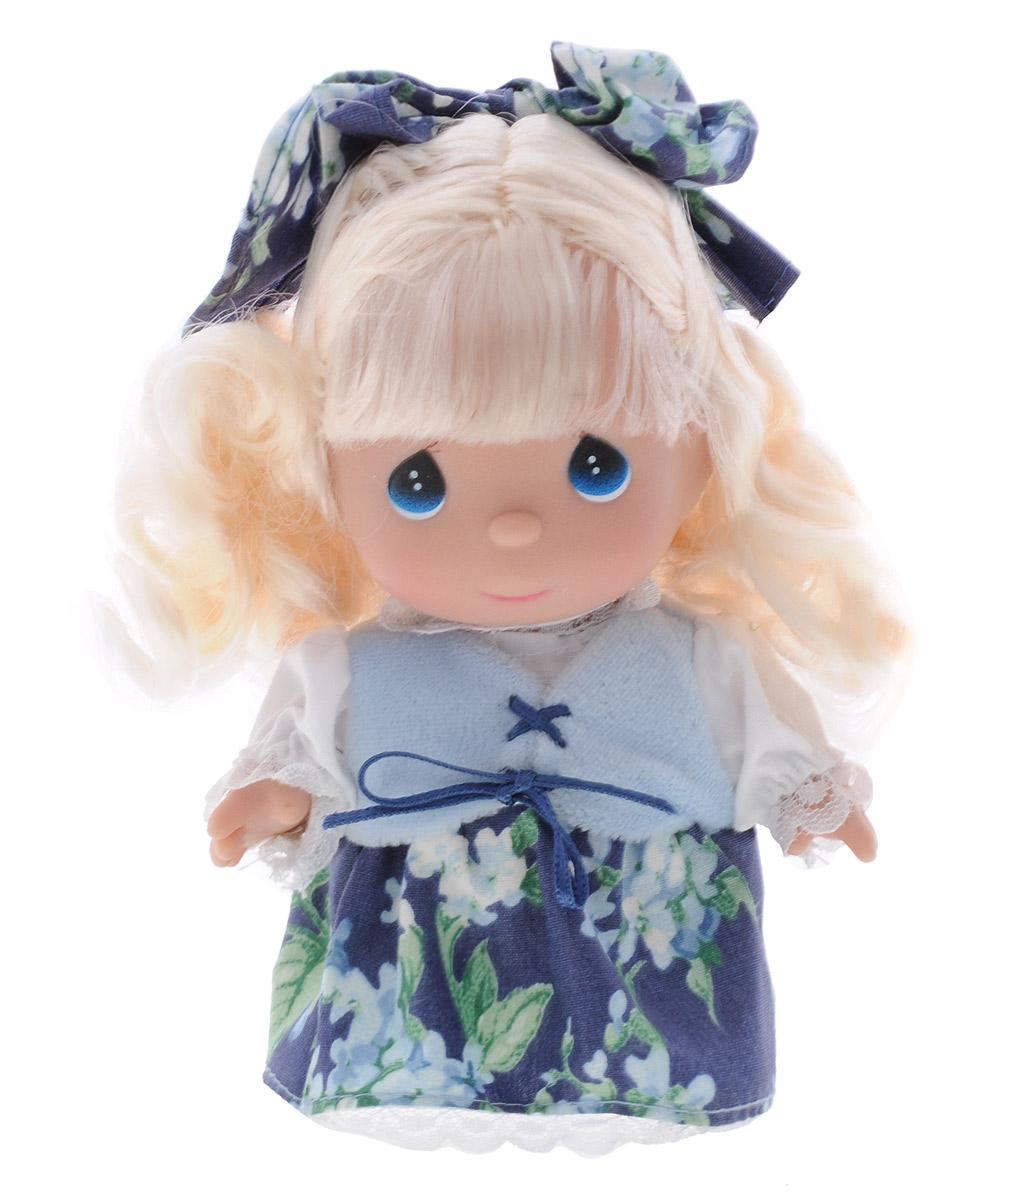 Precious Moments Мини-кукла Лютик золотистый5398Какие же милые эти куколки Precious Moments. Создатель этих очаровательных крошек настоящая волшебница - Линда Рик - оживила свои творения, каждая кукла обрела свой милый и неповторимый образ. Эти крошки могут сопровождать вас в чудесных странствиях и сделать каждый момент вашей жизни незабываемым! Очаровательная мини-кукла Лютик золотистый одета в нарядный костюм, не перегруженный лишними деталями и декором. У куколки большие синие глазки и длинные светлые волосы. Благодаря играм с куклой, ваша малышка сможет развить фантазию и любознательность, овладеть навыками общения и научиться ответственности. Порадуйте свою принцессу таким прекрасным подарком!